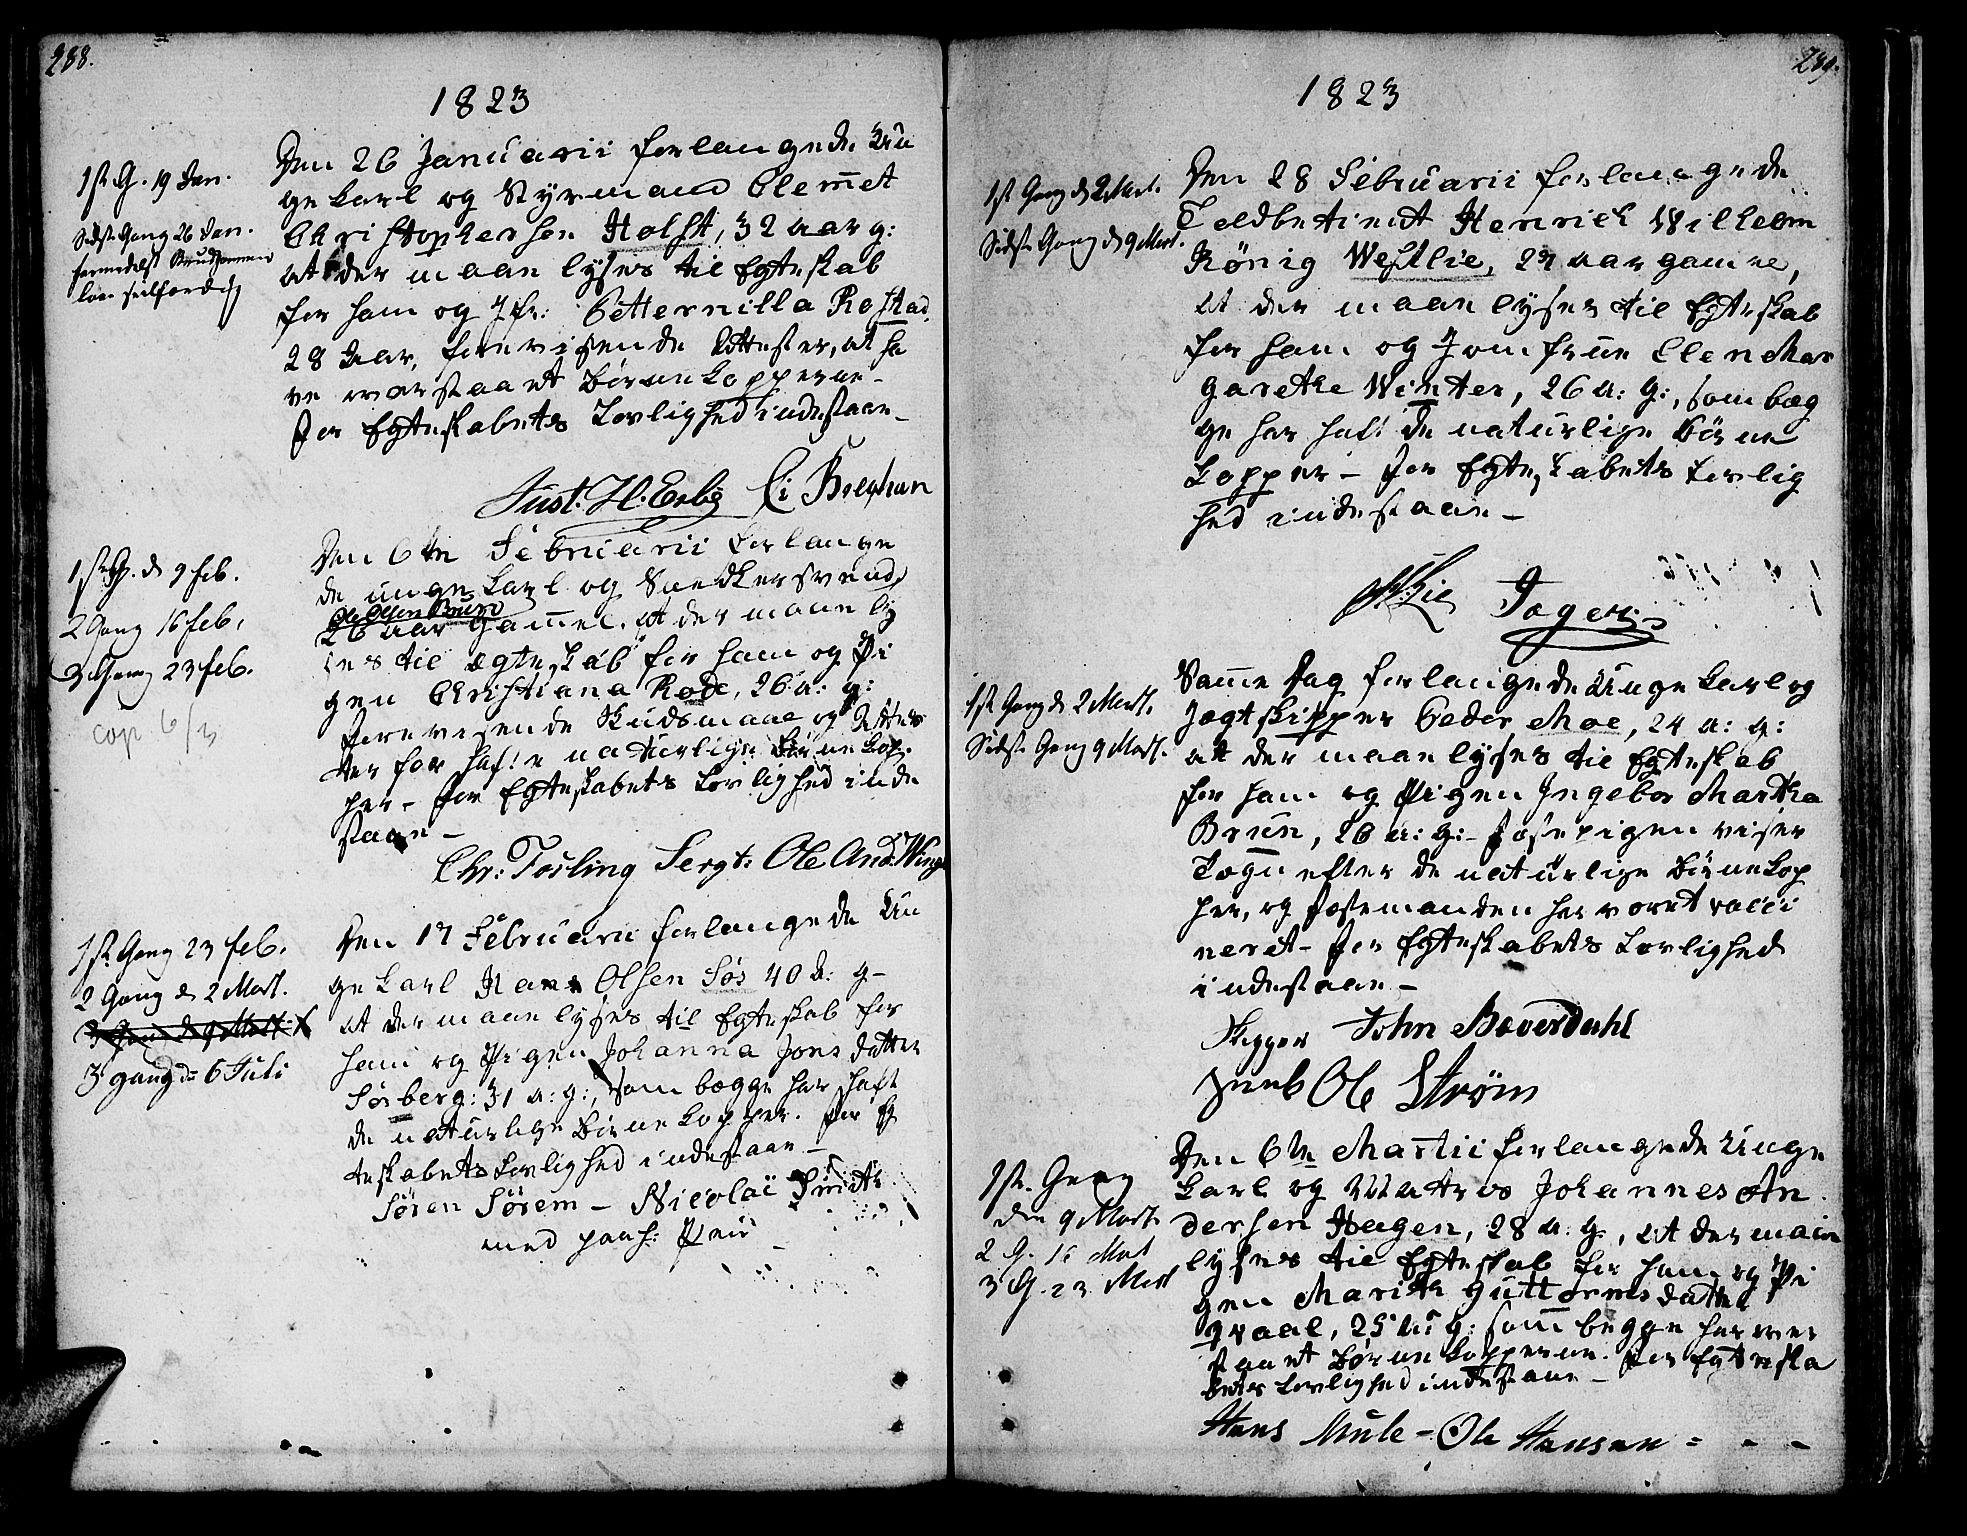 SAT, Ministerialprotokoller, klokkerbøker og fødselsregistre - Sør-Trøndelag, 601/L0042: Ministerialbok nr. 601A10, 1802-1830, s. 288-289